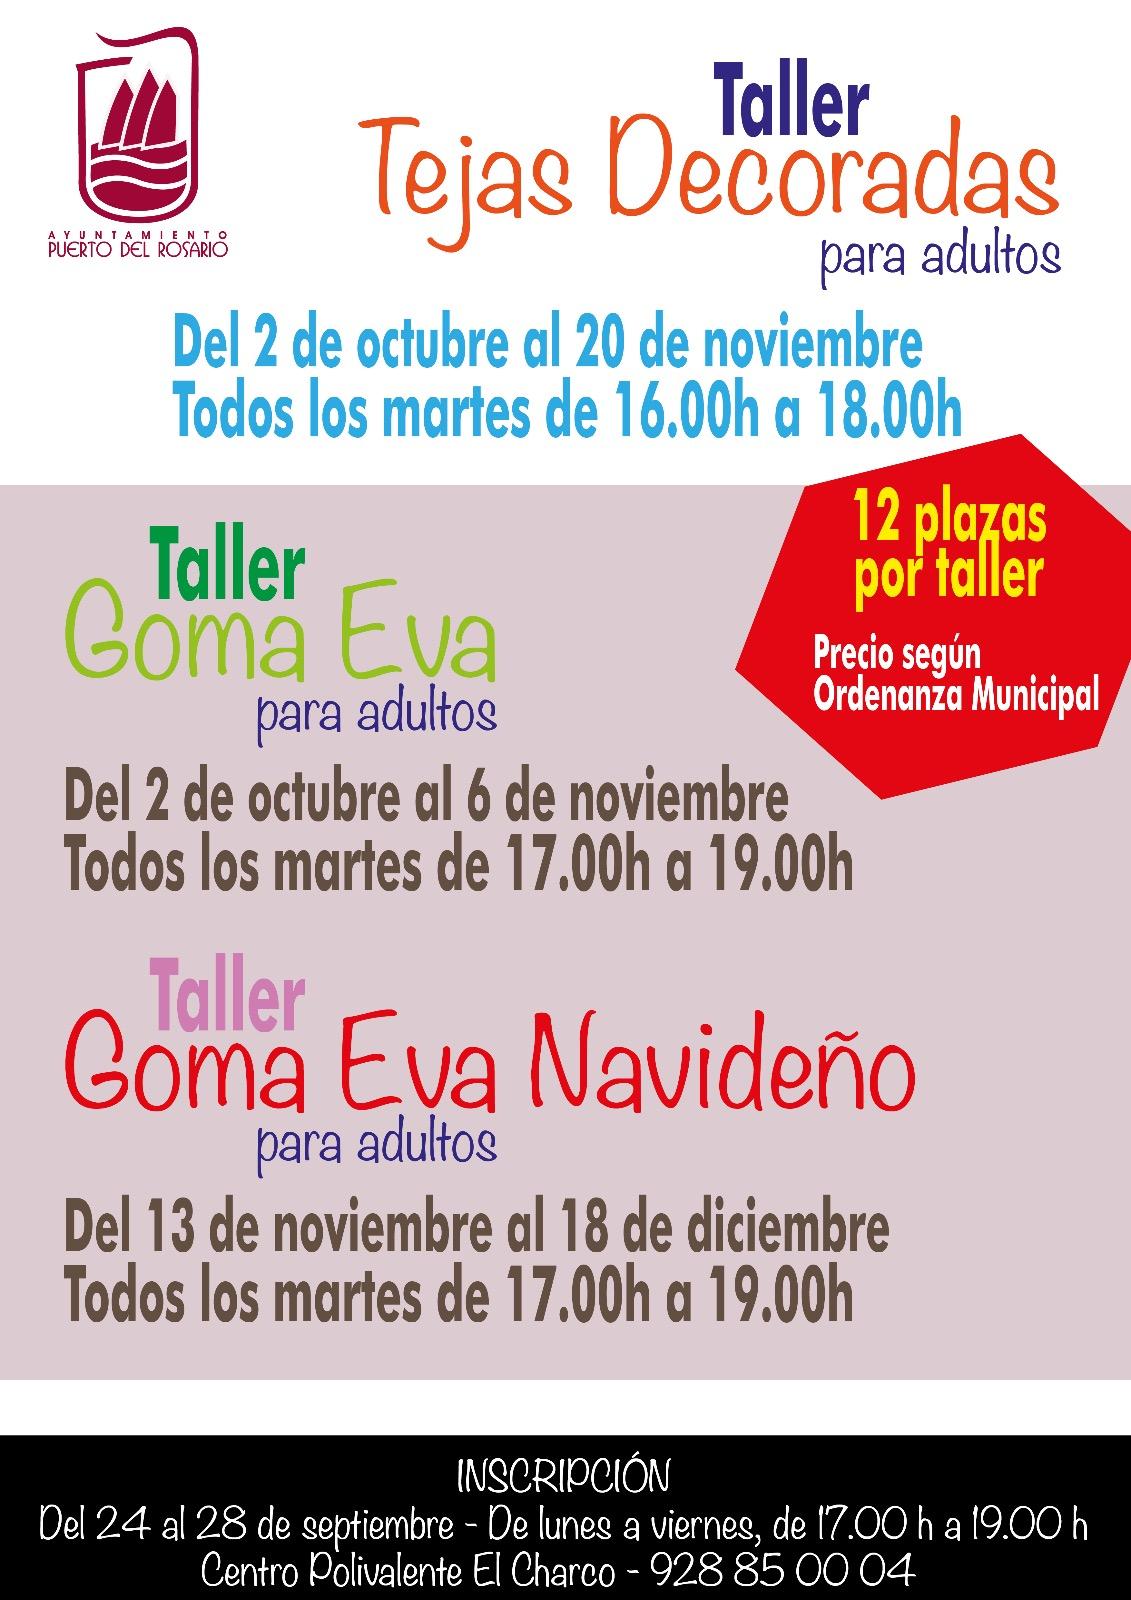 37c18184a51 Puerto del Rosario   Talleres de Goma Eva y Decoración de Tejas en el  Centro Polivalente El Charco